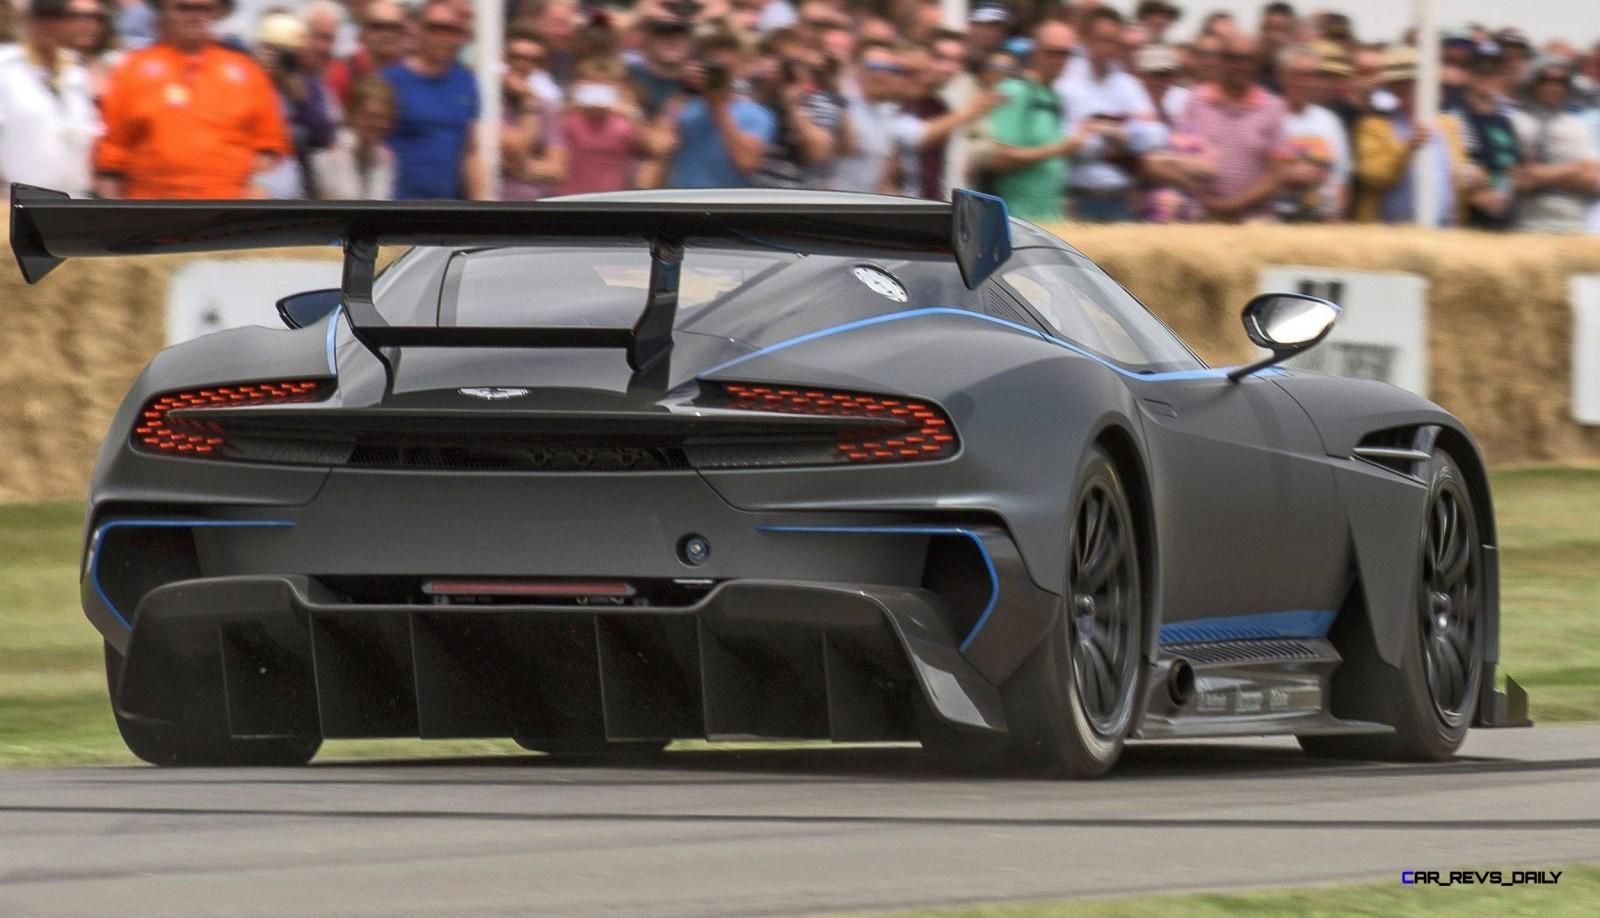 http://www.car-revs-daily.com/wp-content/uploads/2015/06/Aston-Martin-VULCAN-2-1600x918.jpg